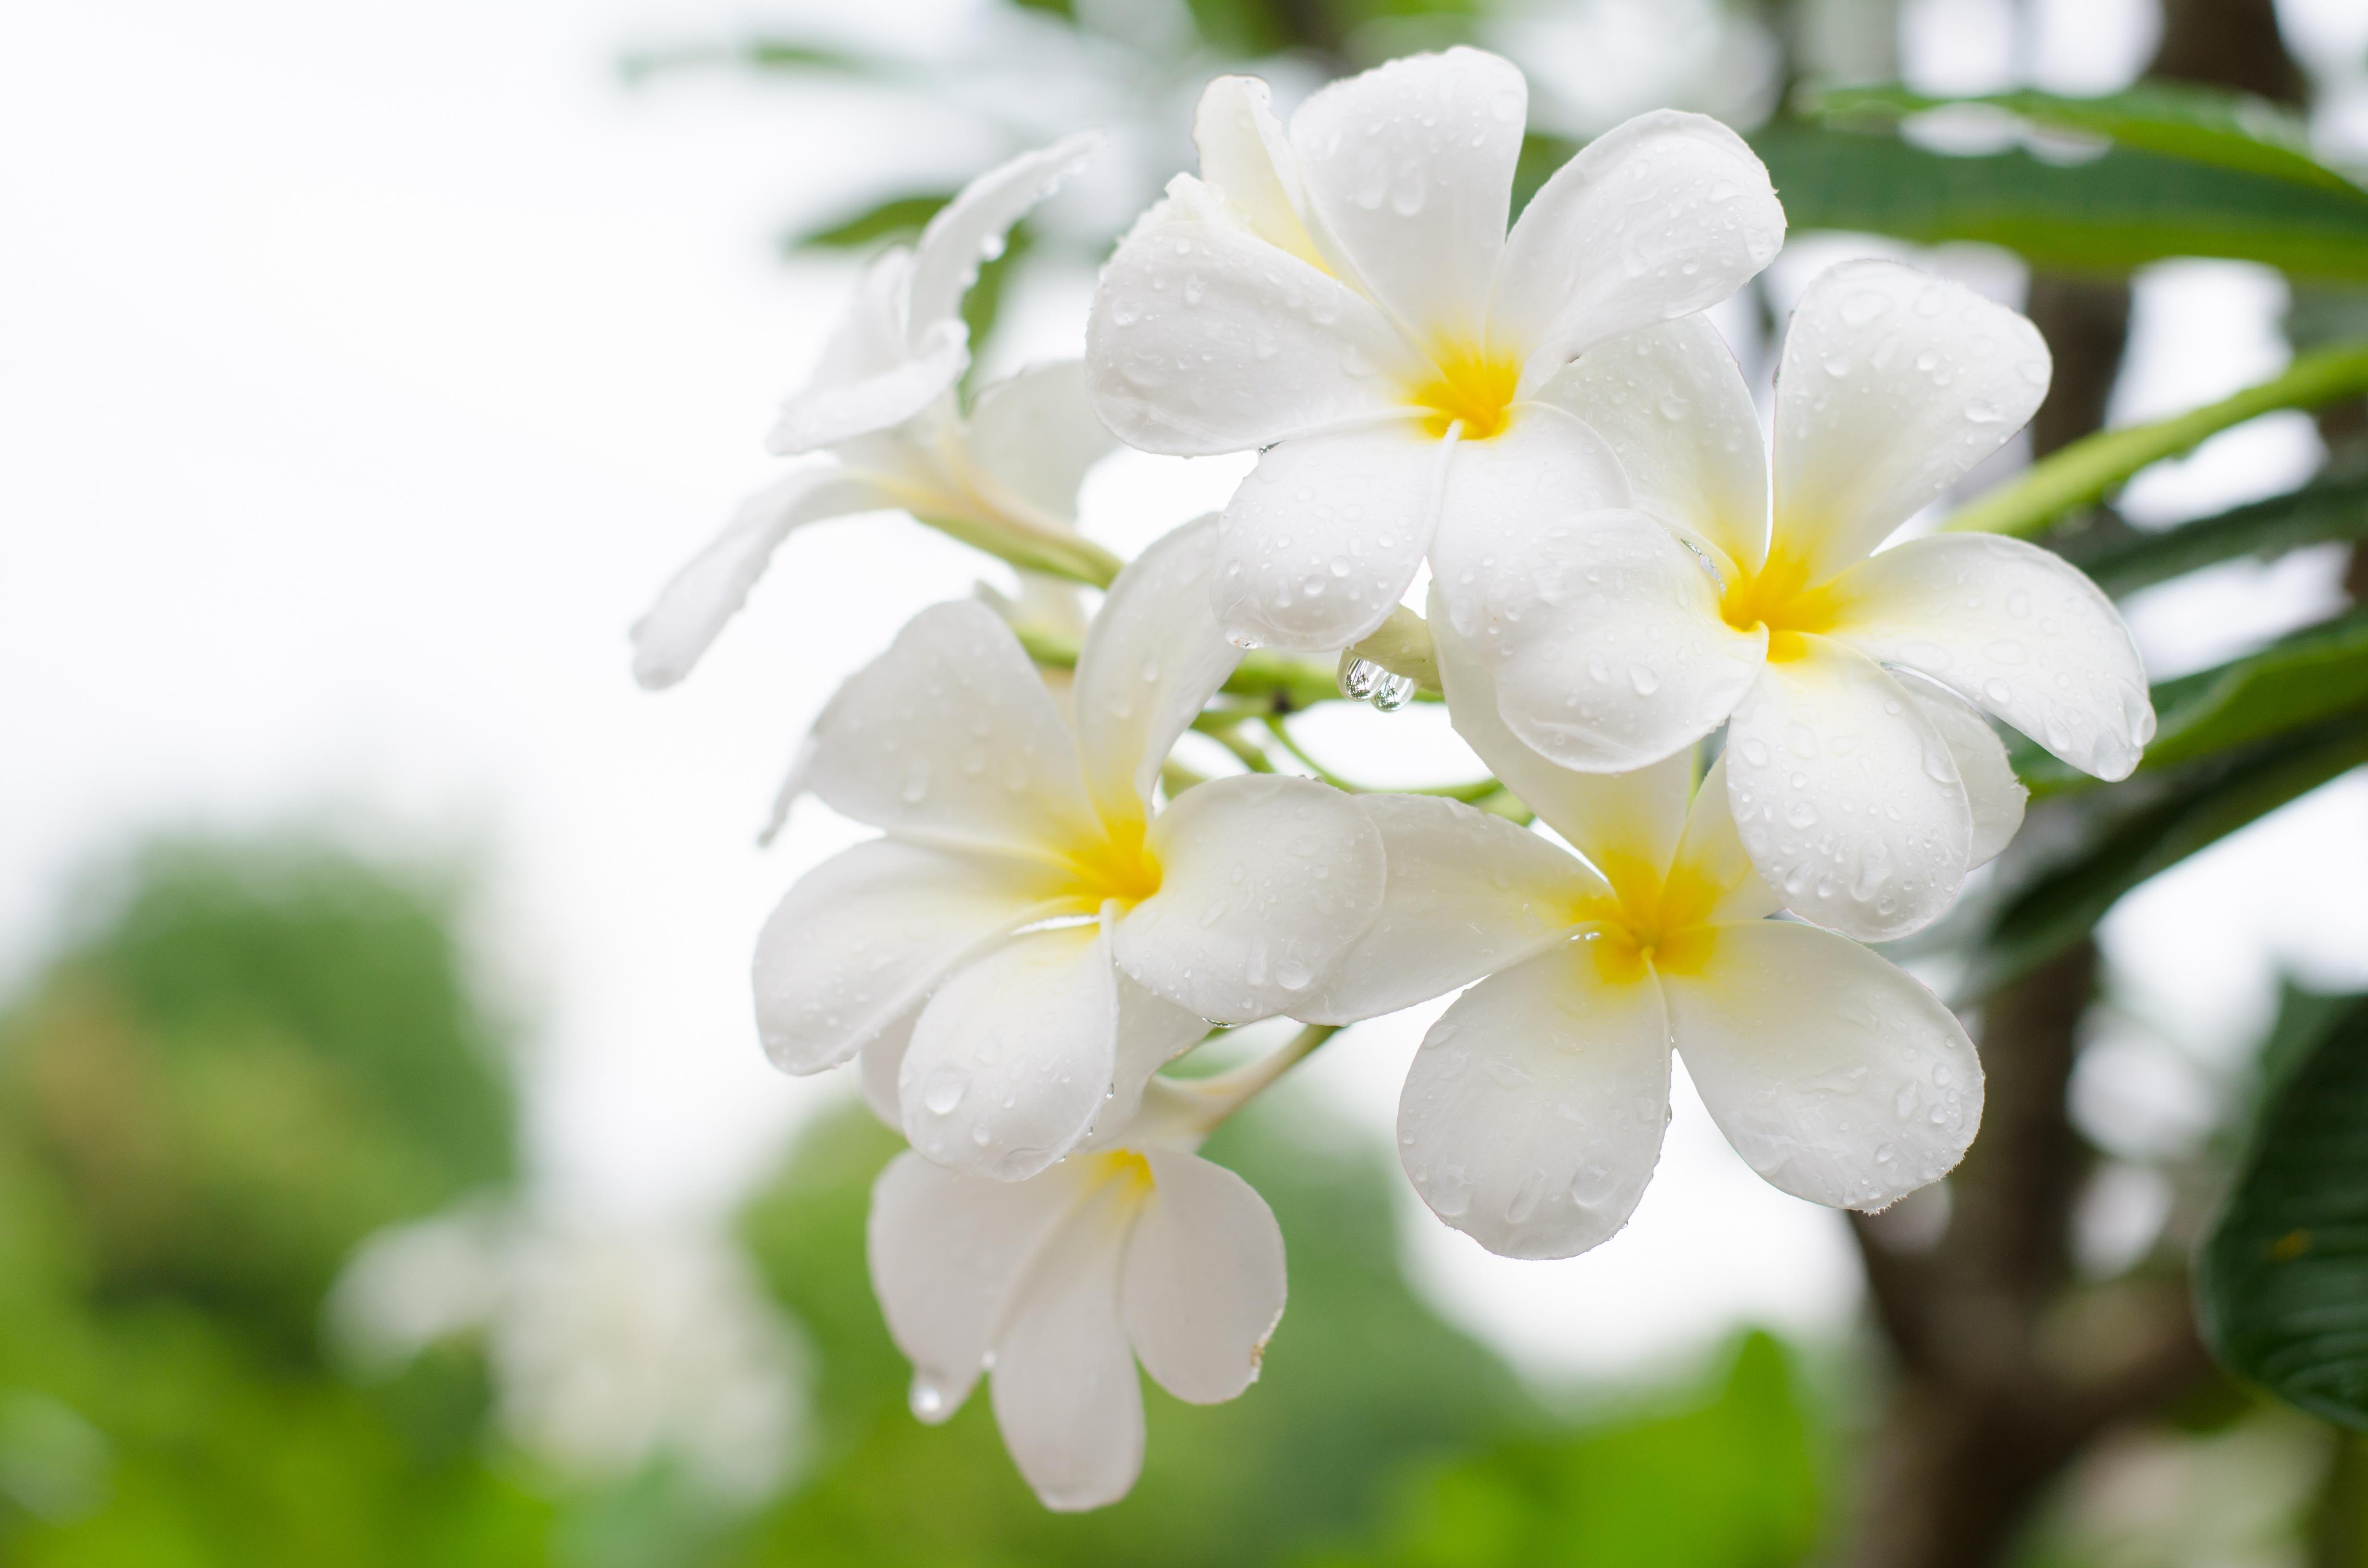 Картинки Белый Цветы Плюмерия вблизи белых белые белая цветок Крупным планом